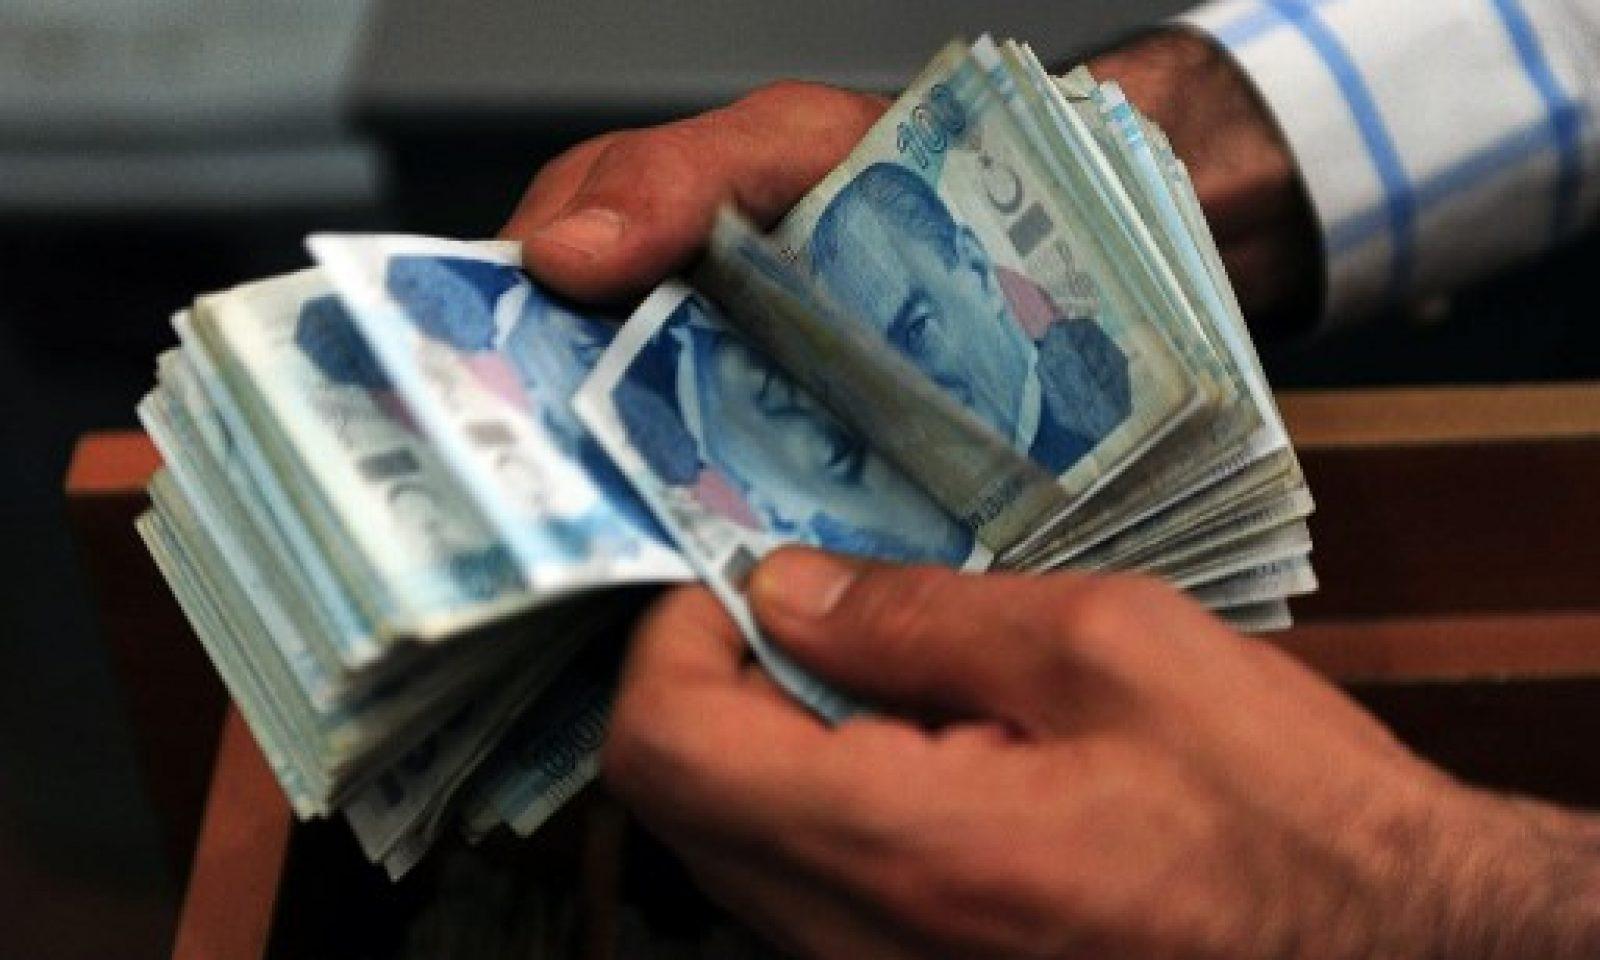 Η υποτίμηση τής τουρκικής λίρας δυσκολεύει τράπεζες και εταιρείες